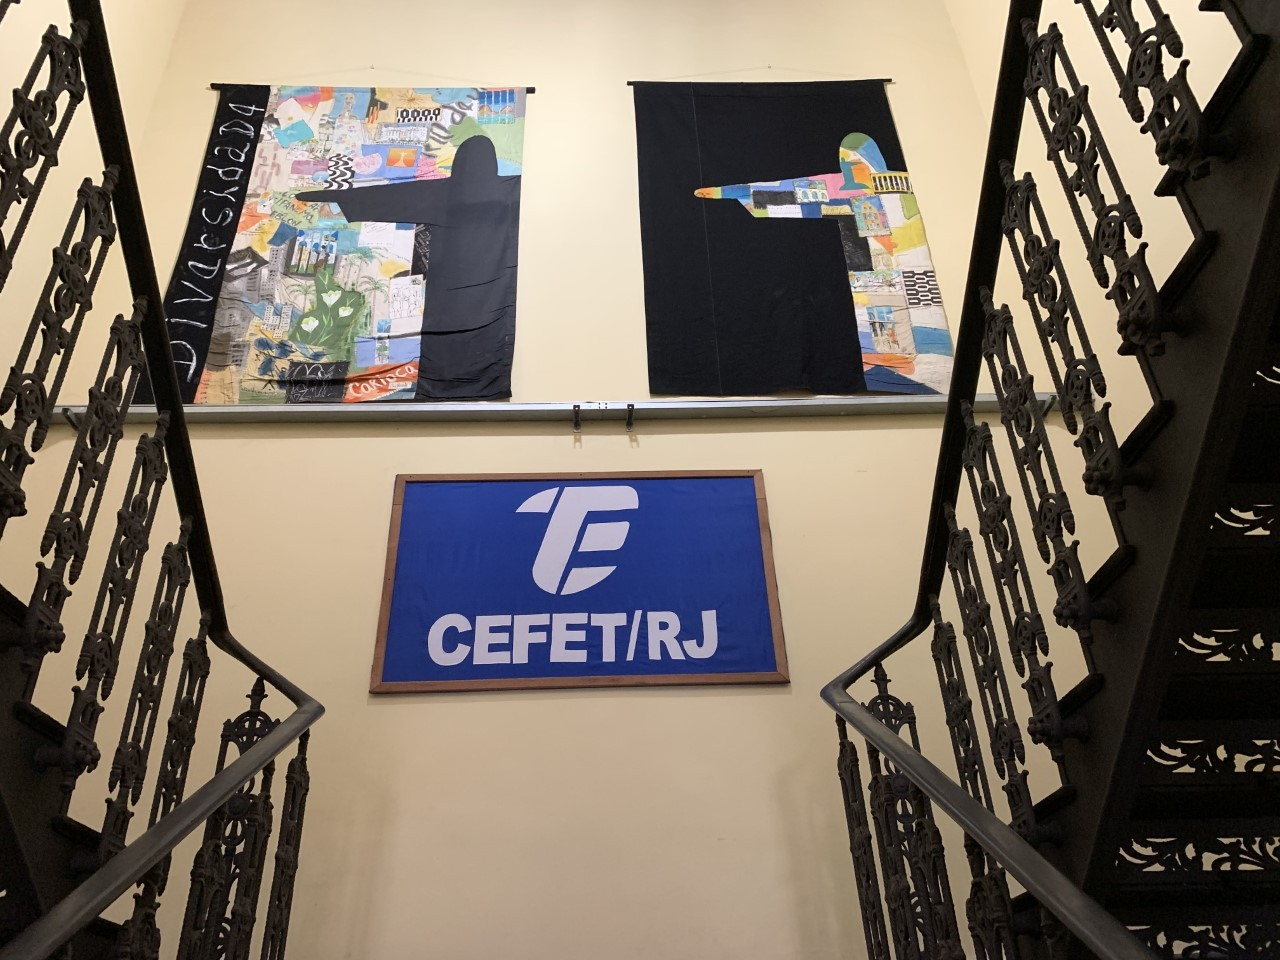 Cefet terá programação voltada para ensino, pesquisa e extensão em Petrópolis, no RJ - Notícias - Plantão Diário